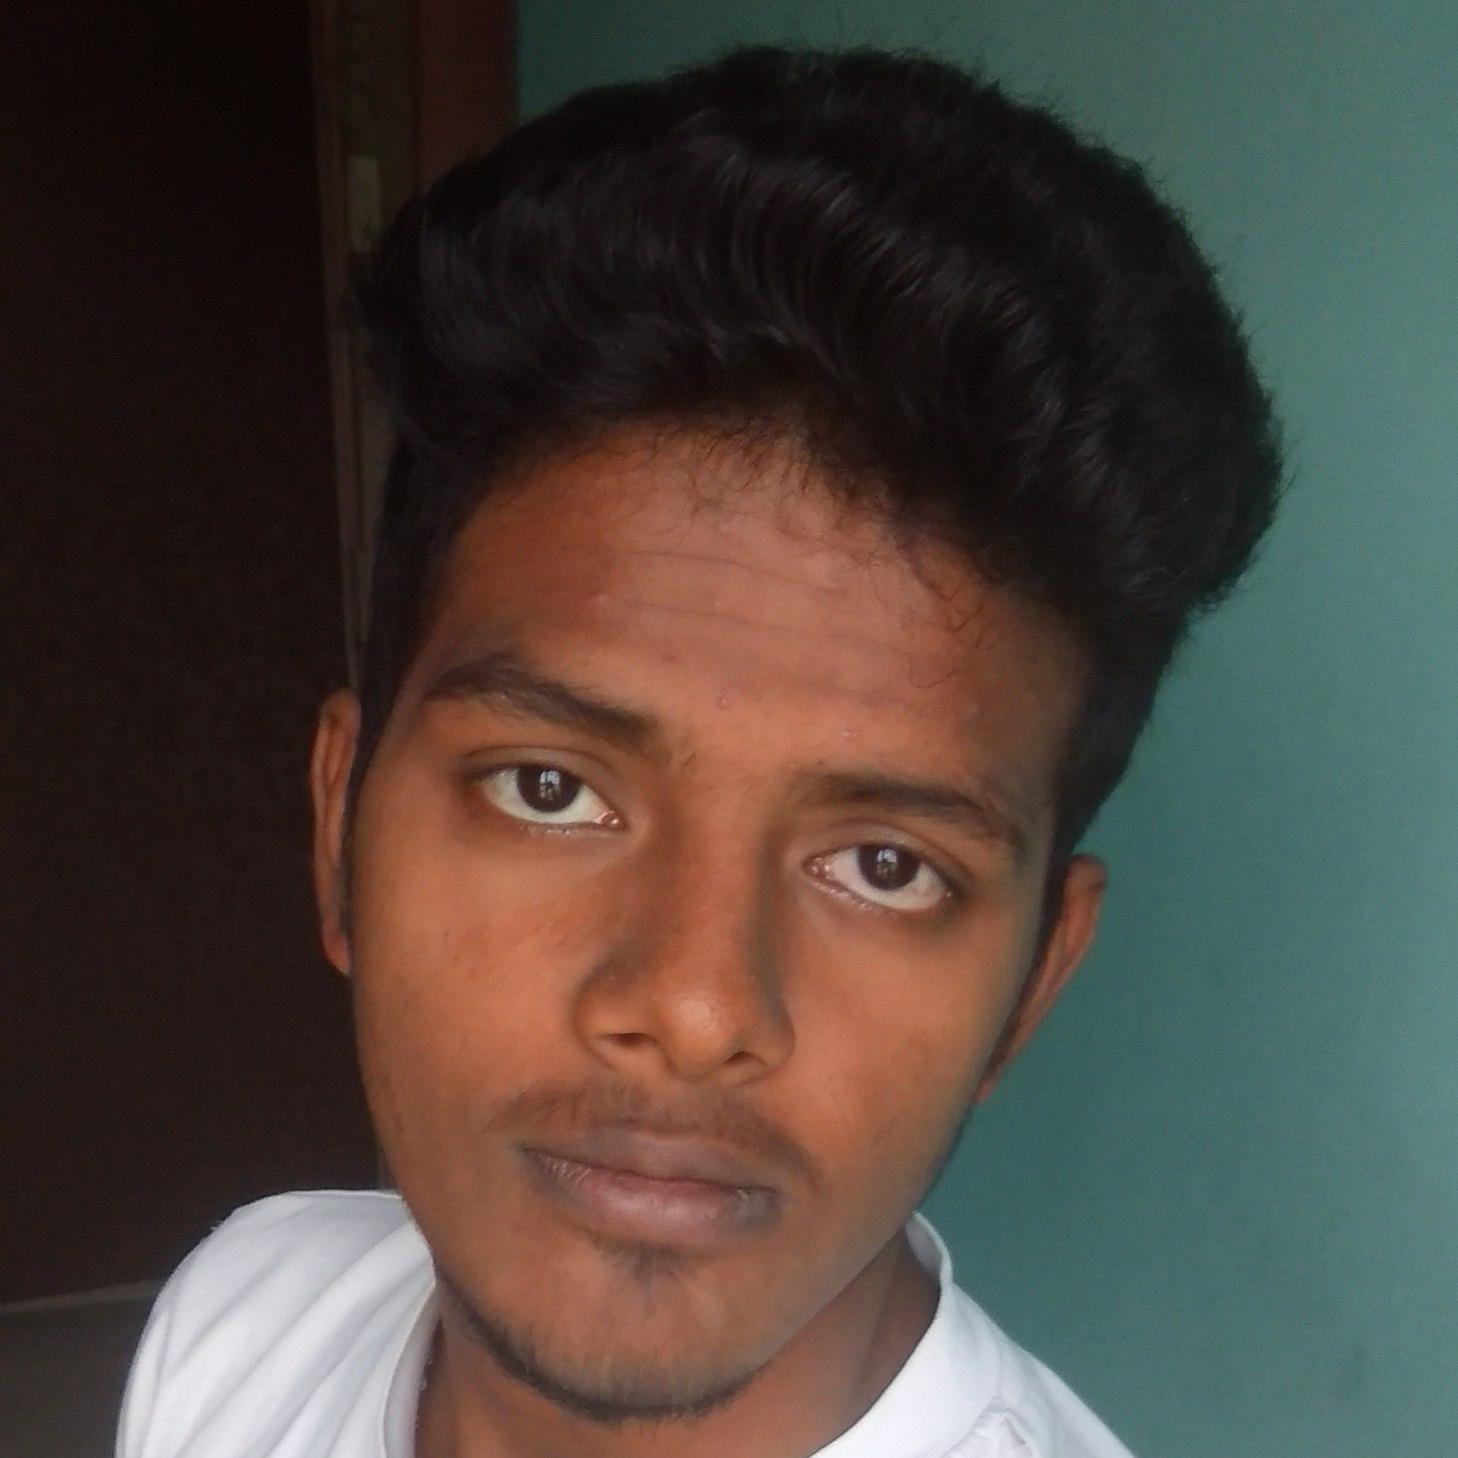 Mukhildhana1